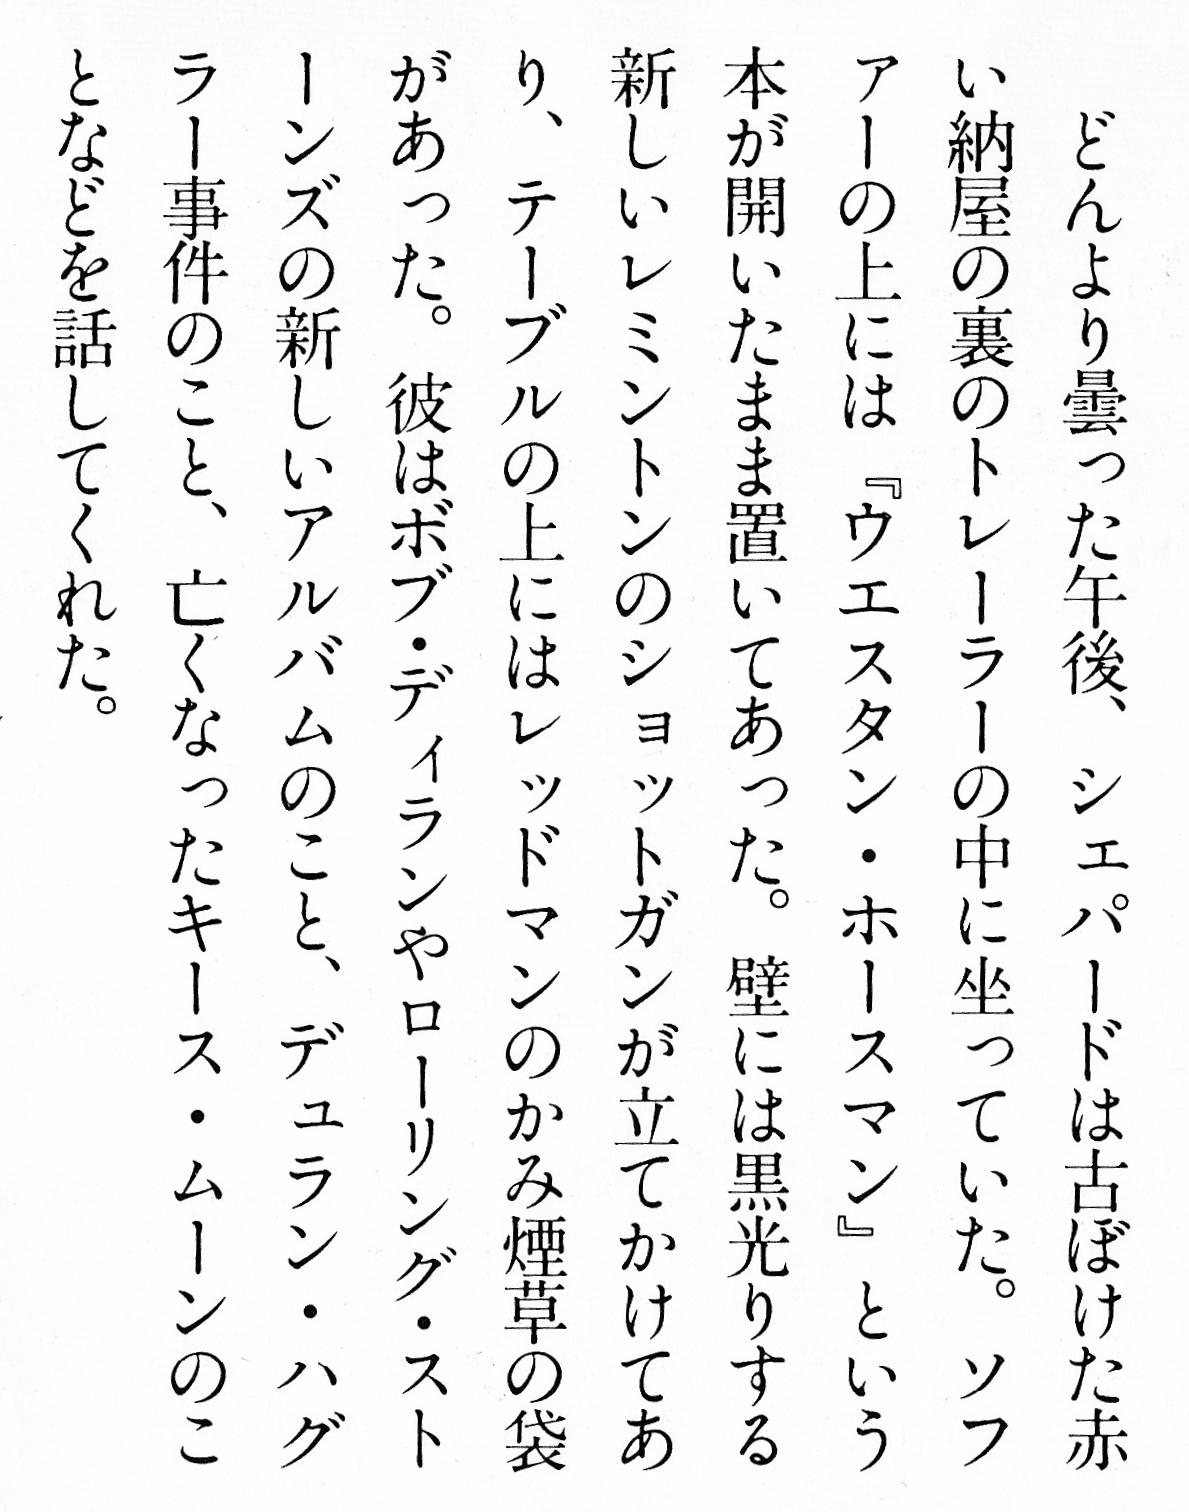 4_Switch_1985_創刊号_中明.jpg